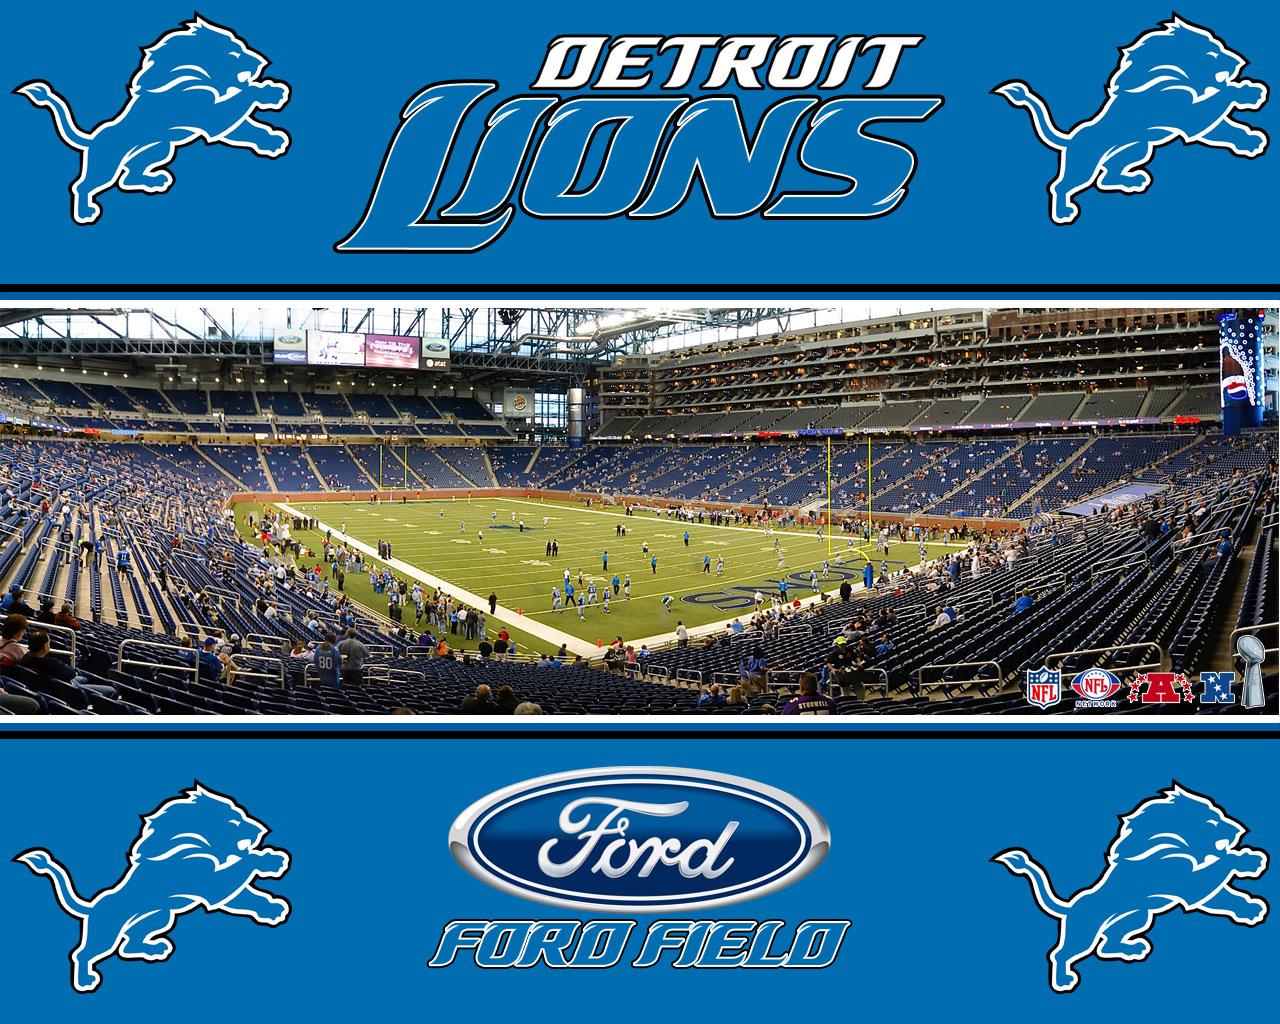 http://4.bp.blogspot.com/_SPY5-z18DBU/TTbuMRr2MLI/AAAAAAAAAZk/NePxawQ0sKY/s1600/detroit_lions_wallpaper_stadium_1280x1024.jpeg